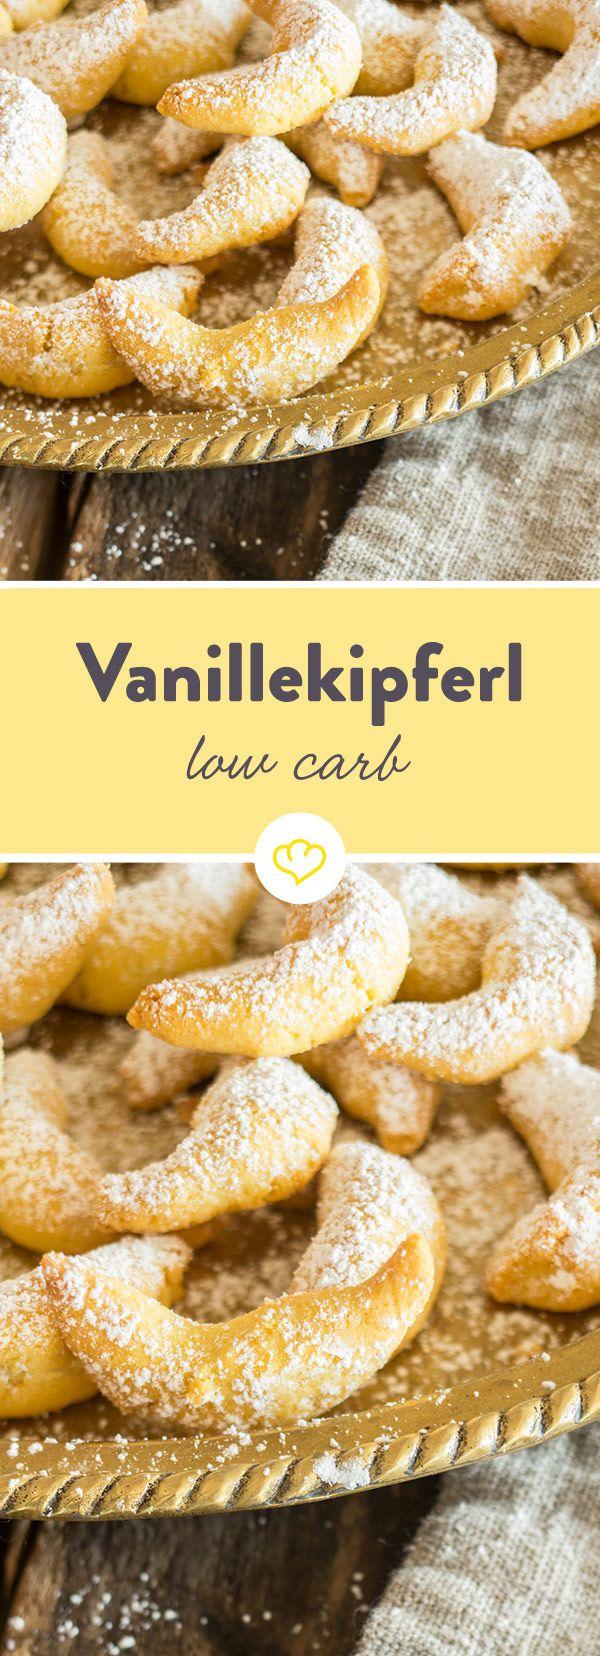 Vanillekipferl gehören auf den Plätzchenteller, wie die Geschenke unter den Baum. Anders als Omas Klassiker sind diese Low-Carb-Kekse ganz leicht.